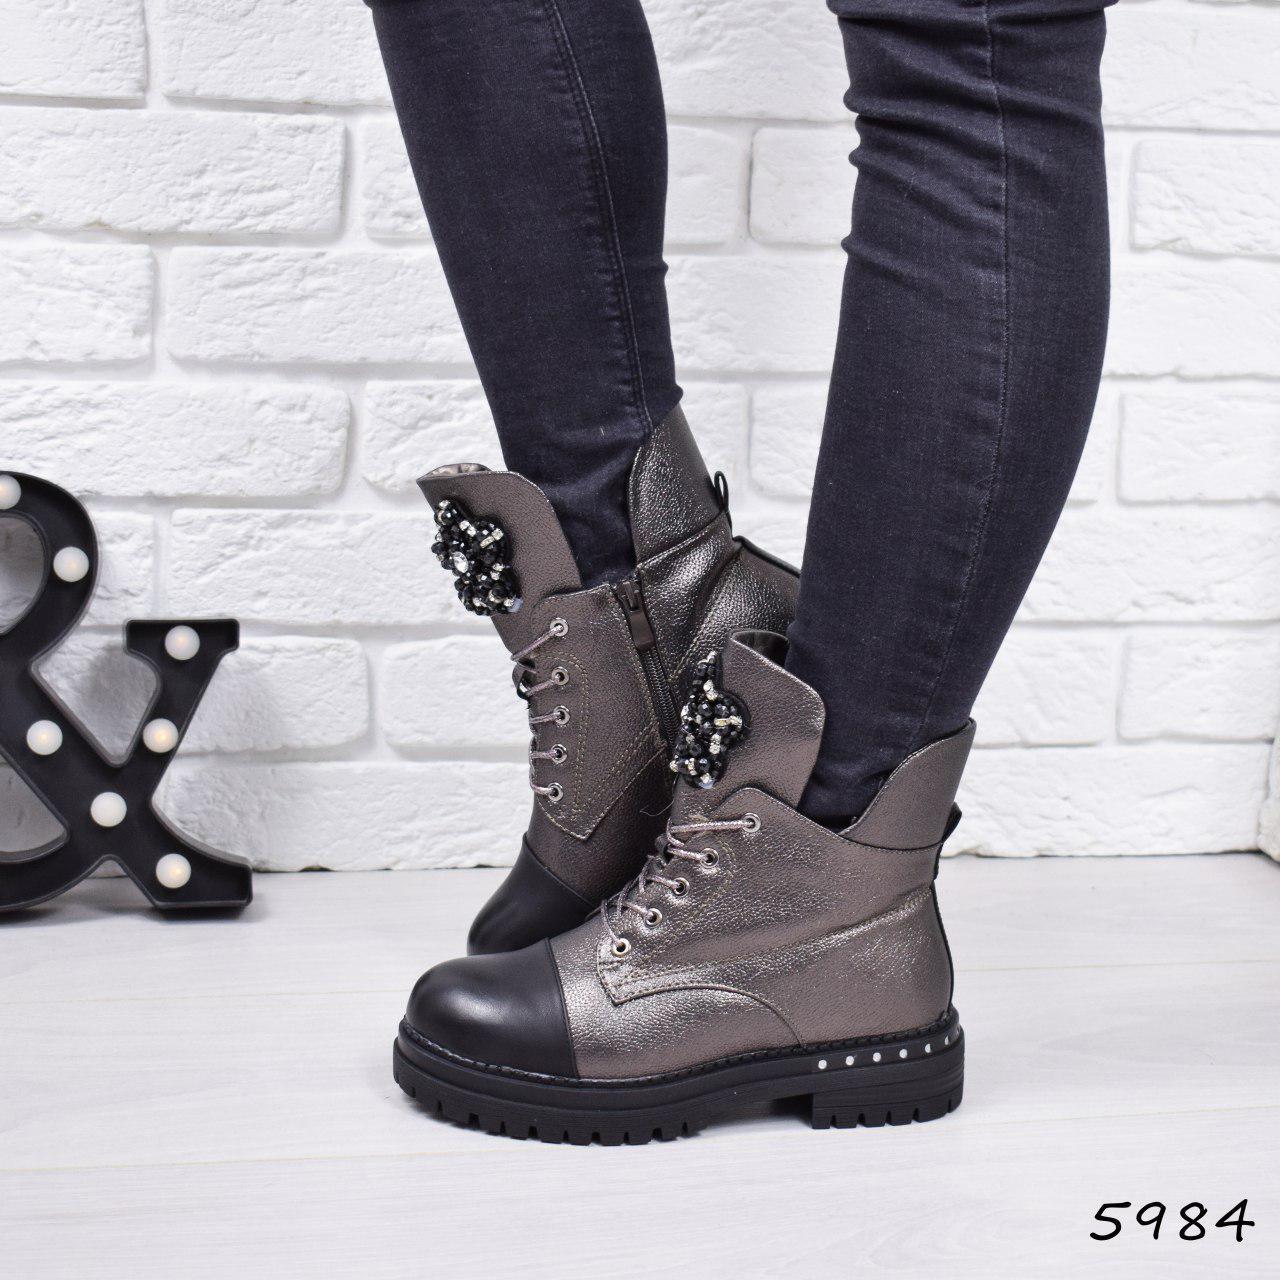 """Ботинки, ботильоны бронзовые ЗИМА """"Prisma"""" эко кожа, повседневная, зимняя, теплая, женская обувь"""